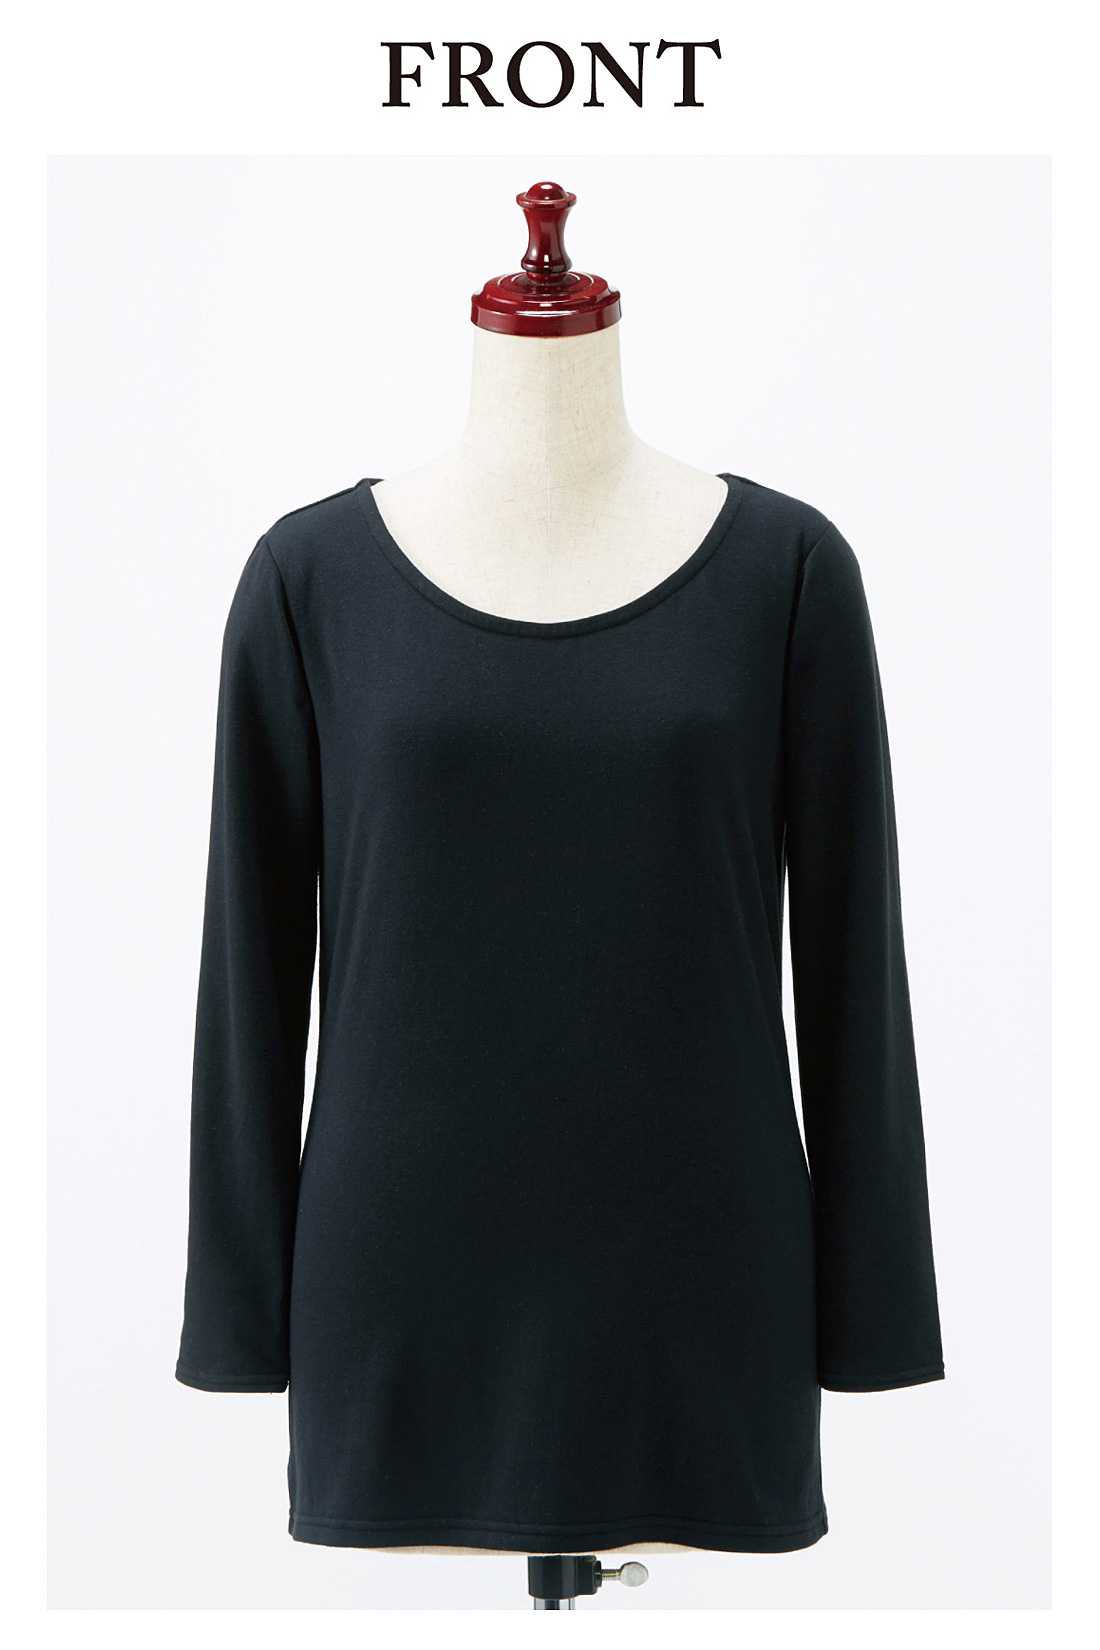 衿ぐりはほどよい開きで、チラ見えリスクを軽減。